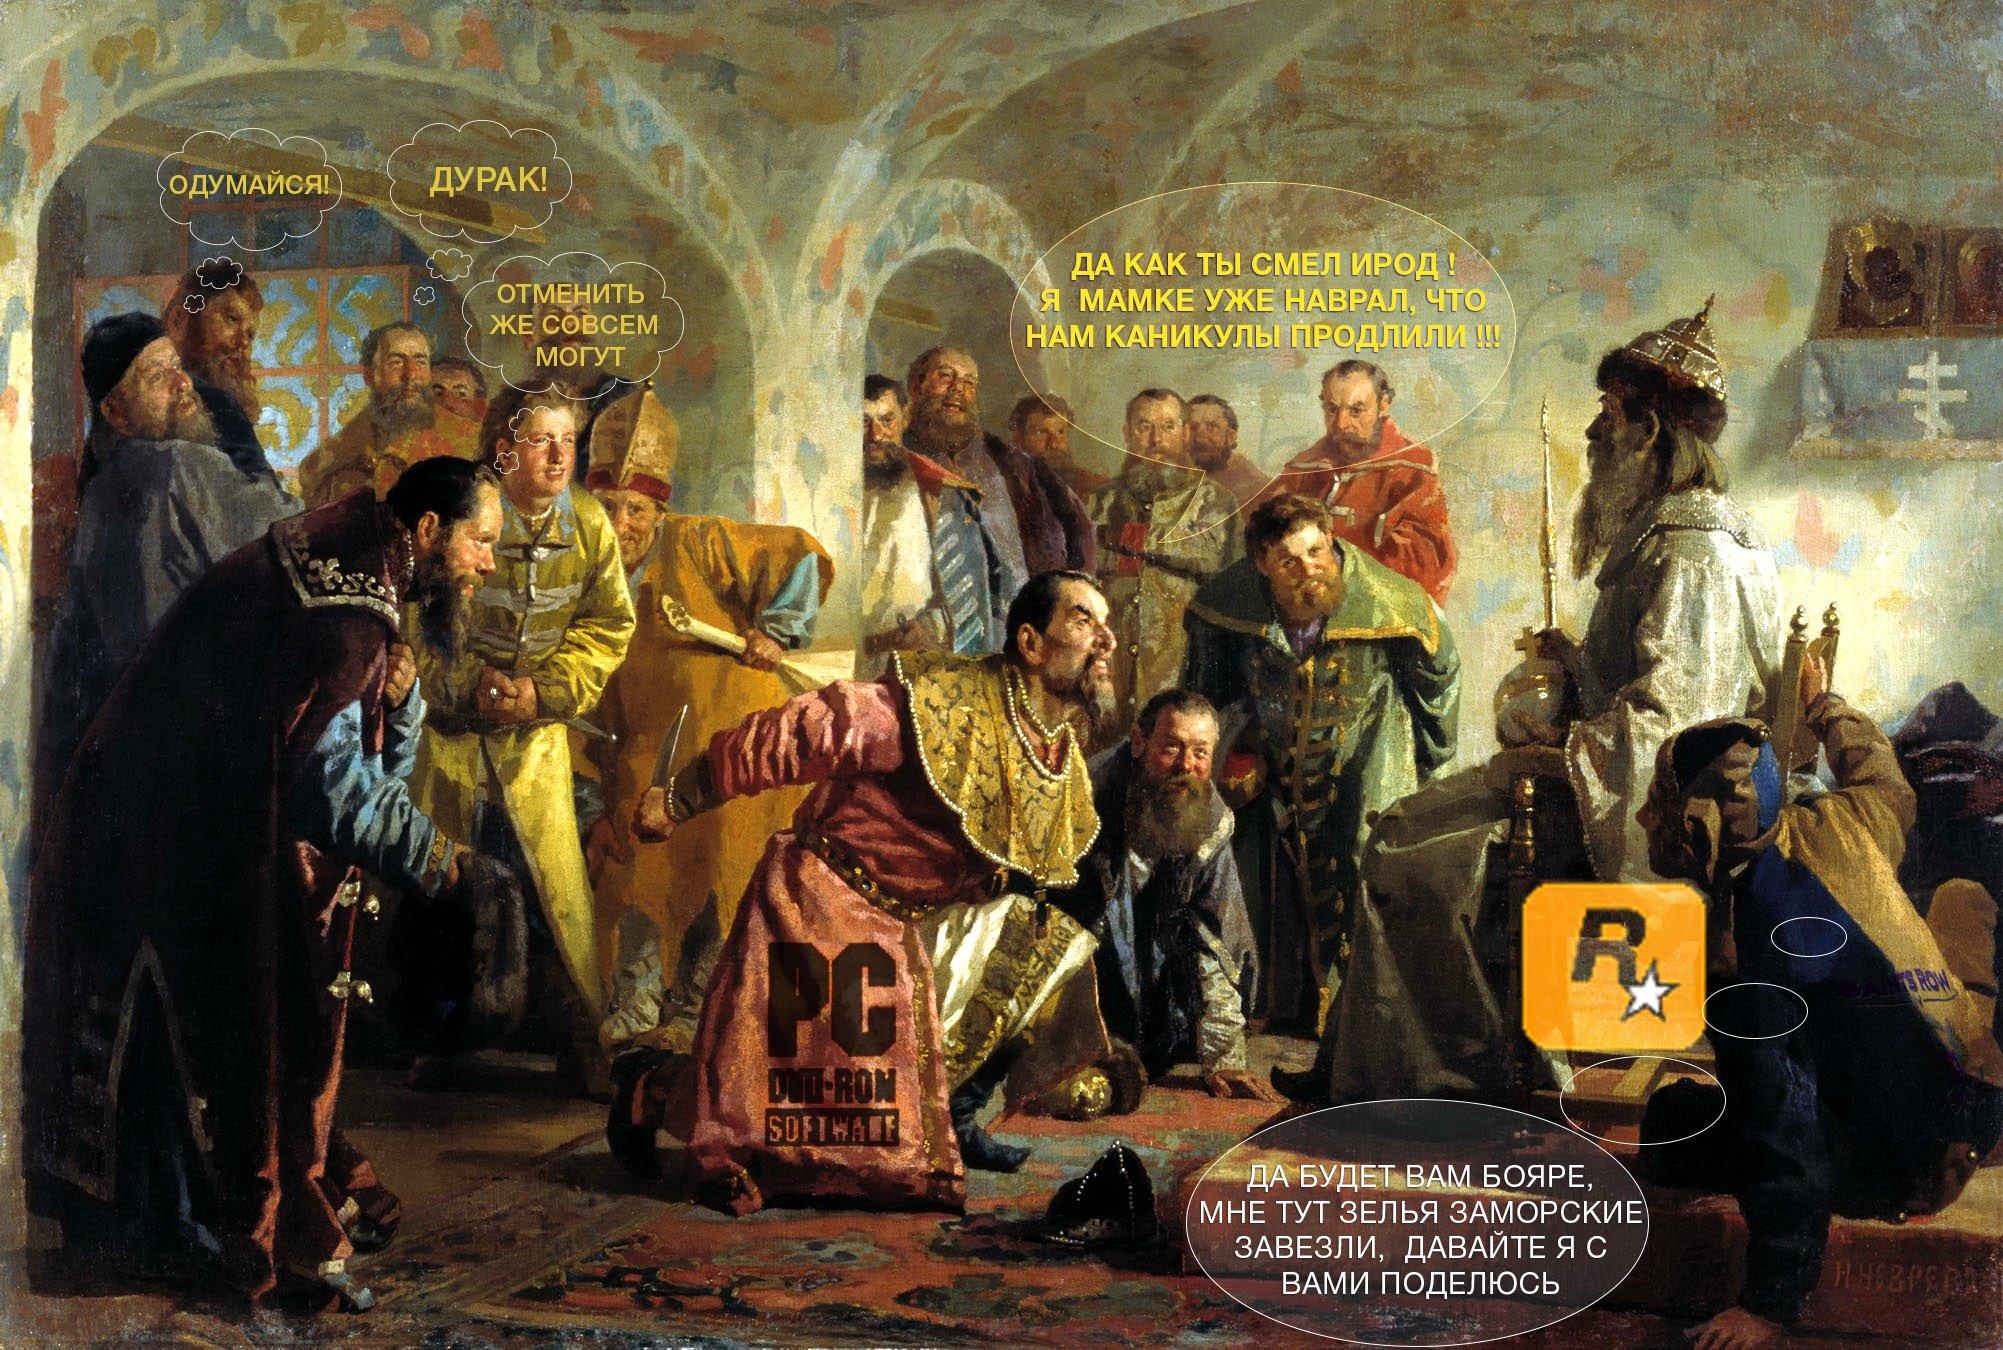 Убийство Рокстаром Грозным ПК-боярина ФЕДЯНА(NAGIBATORA666). - Изображение 1